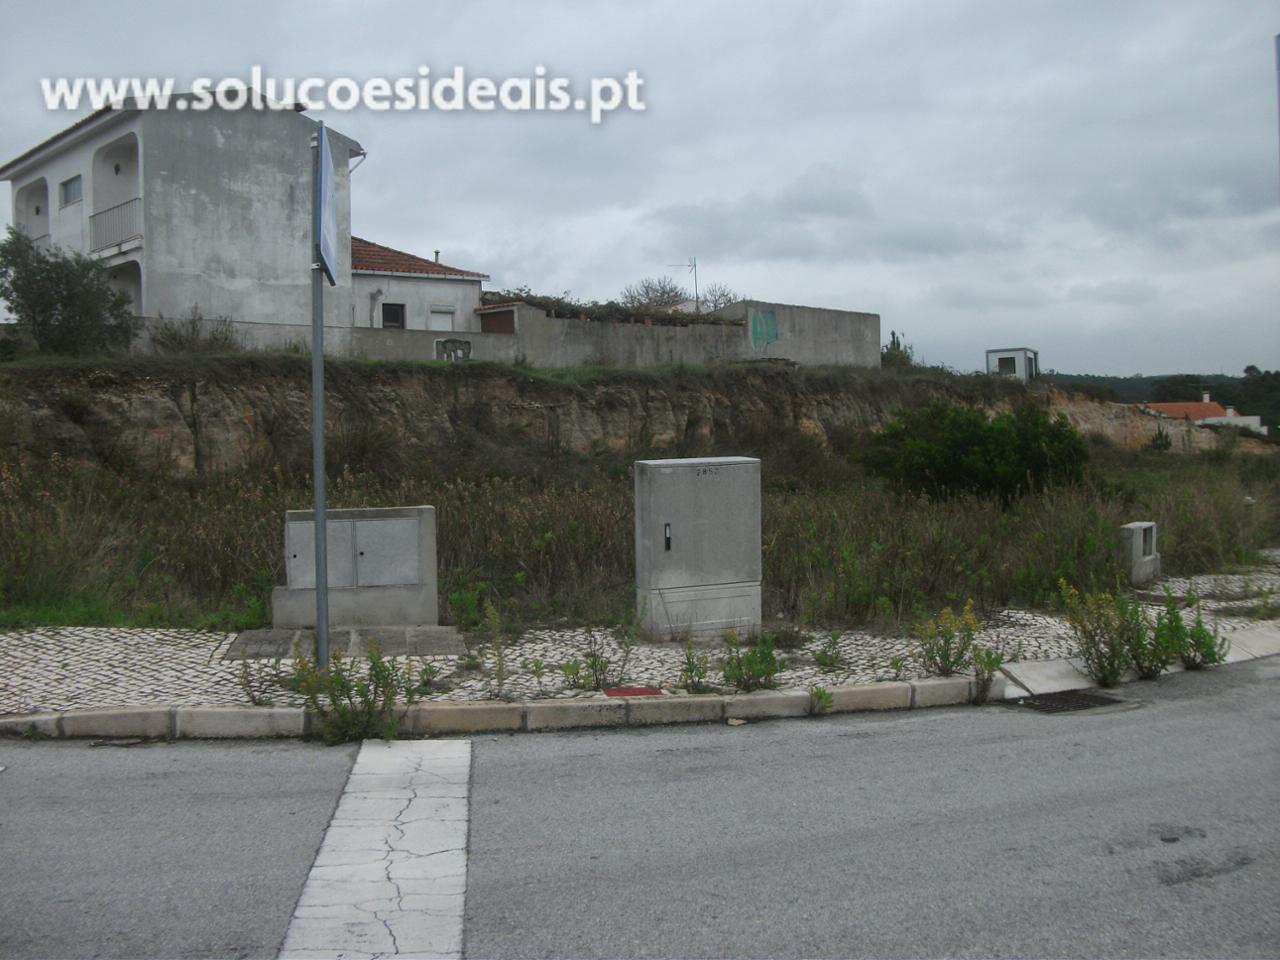 terreno para compra em figueira da foz tavarede carritos FIGPS2199